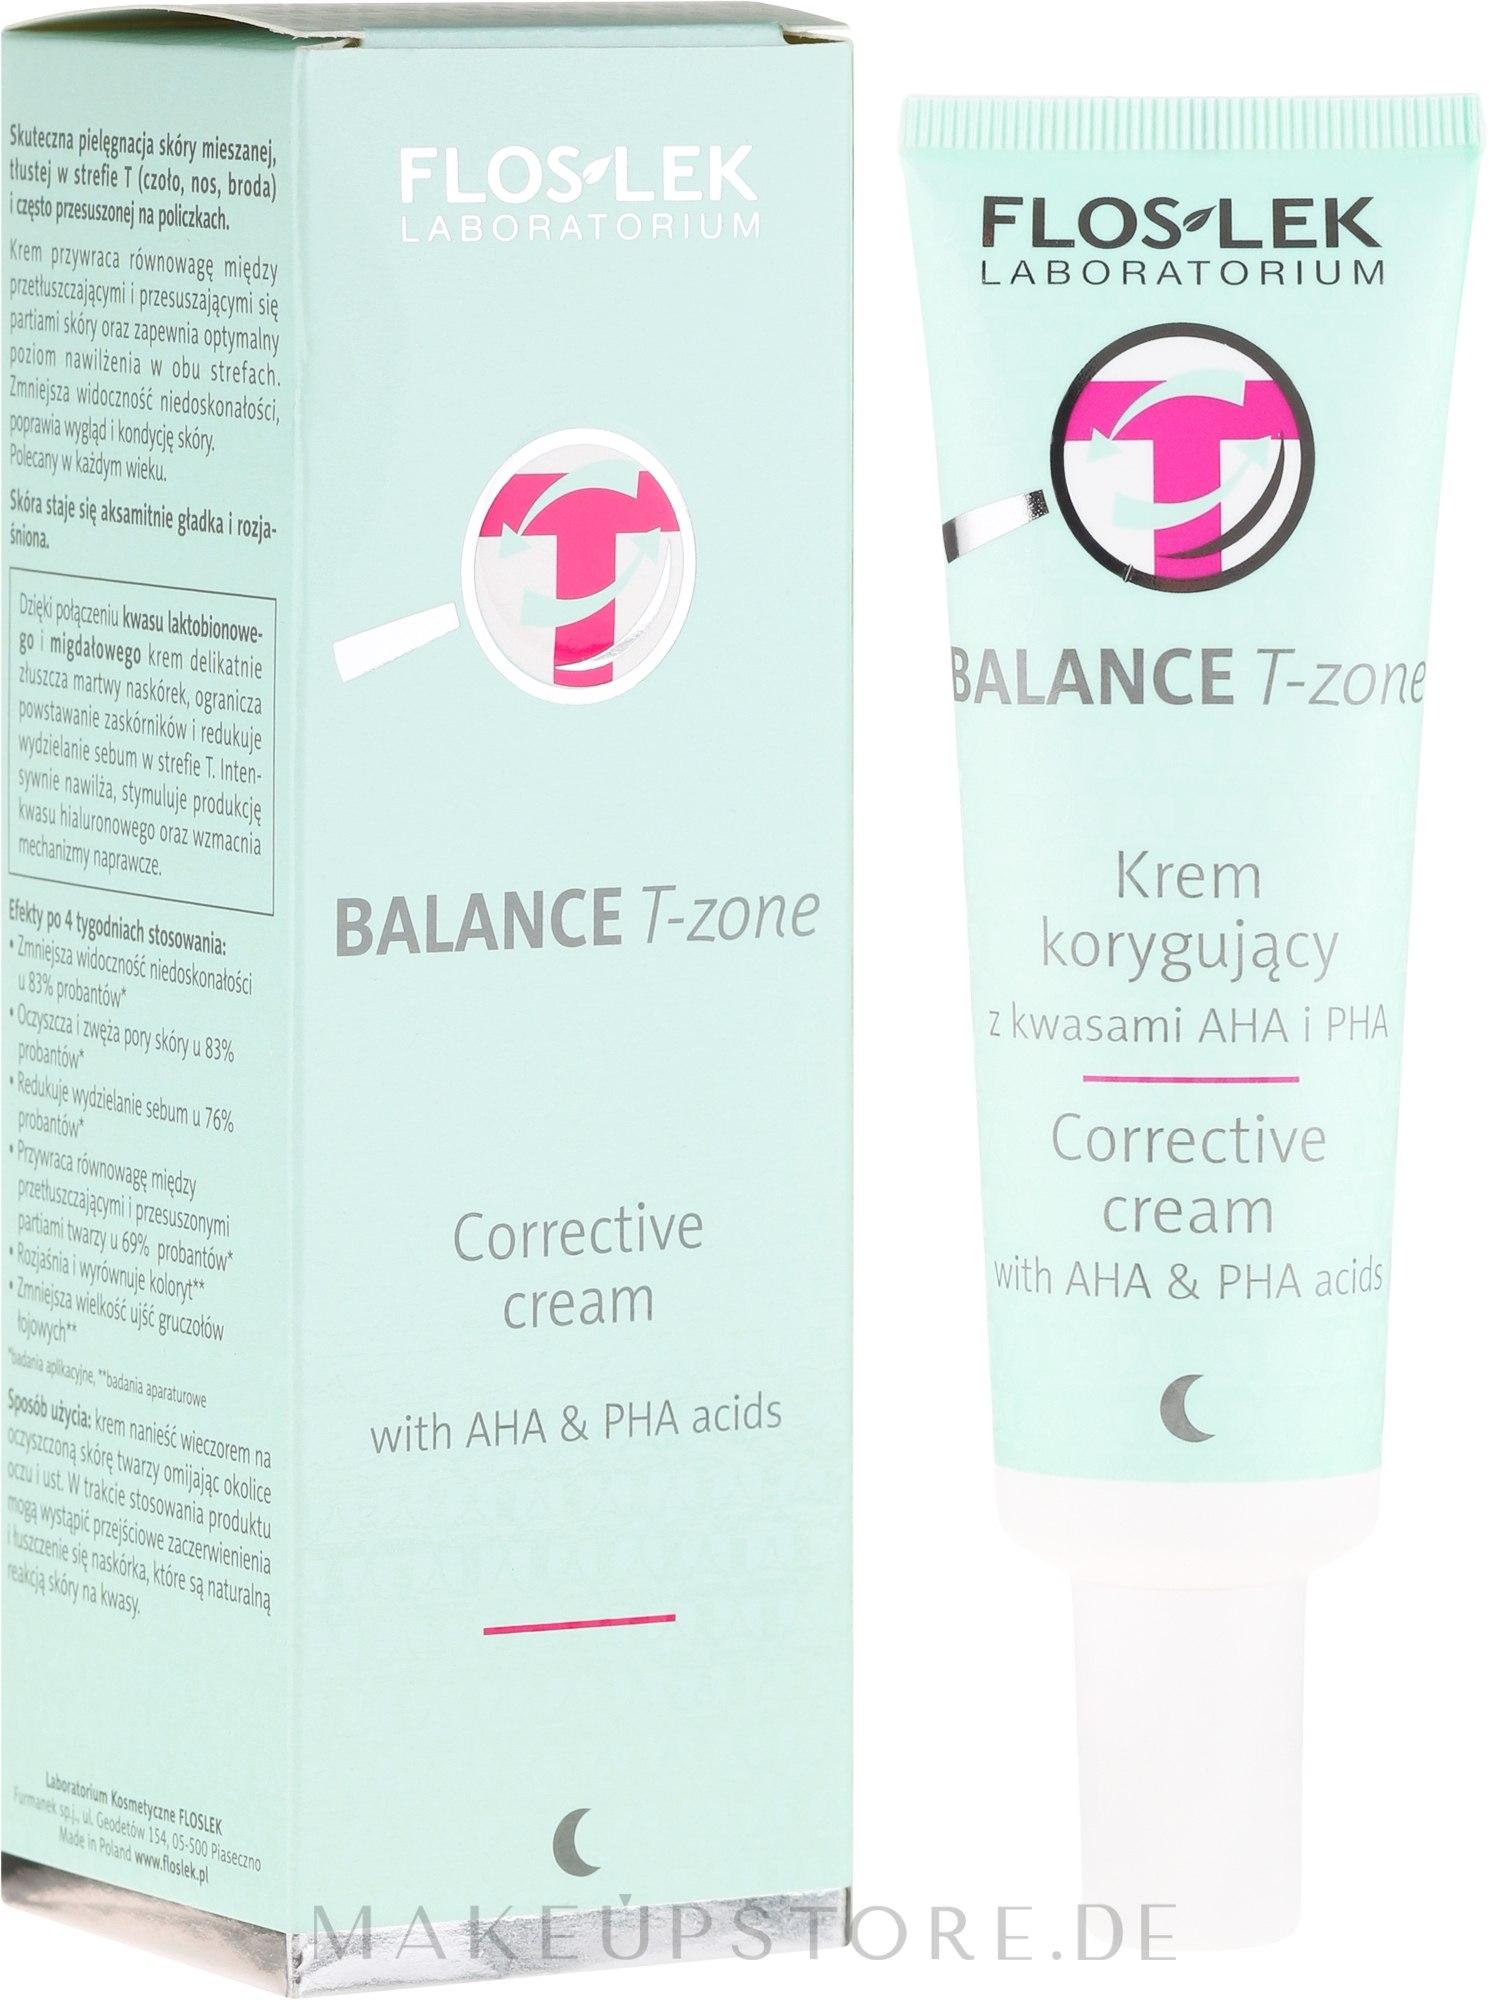 Korrigierende Nachtcreme für die T-Zone mit AHA- und PHA-Säuren - Floslek Balance T-Zone Corrective Cream — Bild 50 ml